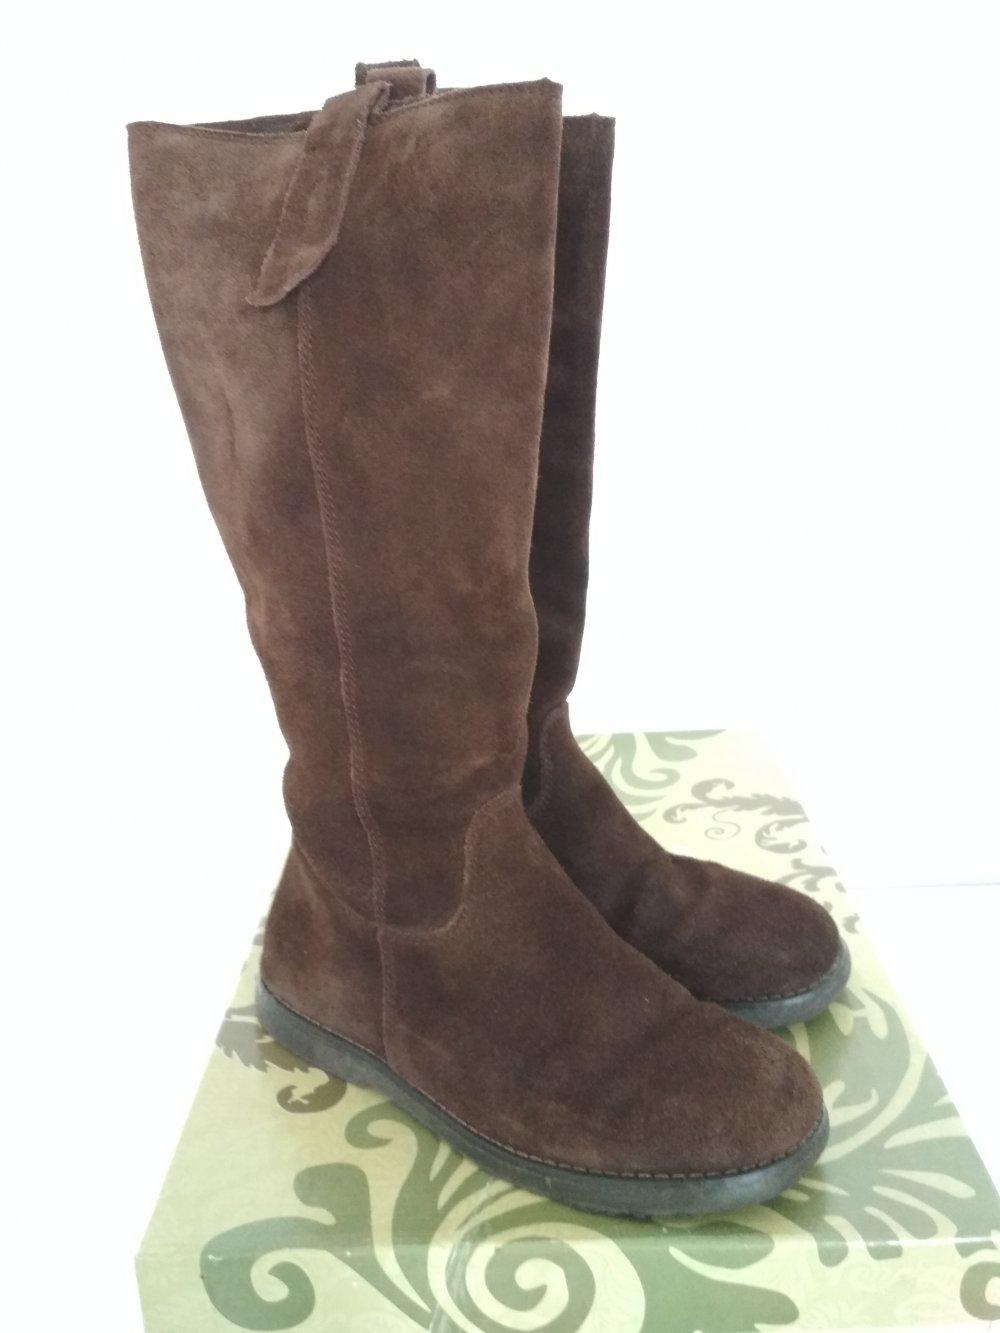 newest 21083 af984 Limelight Stiefel Gr. 38 braun Rauleder Boots